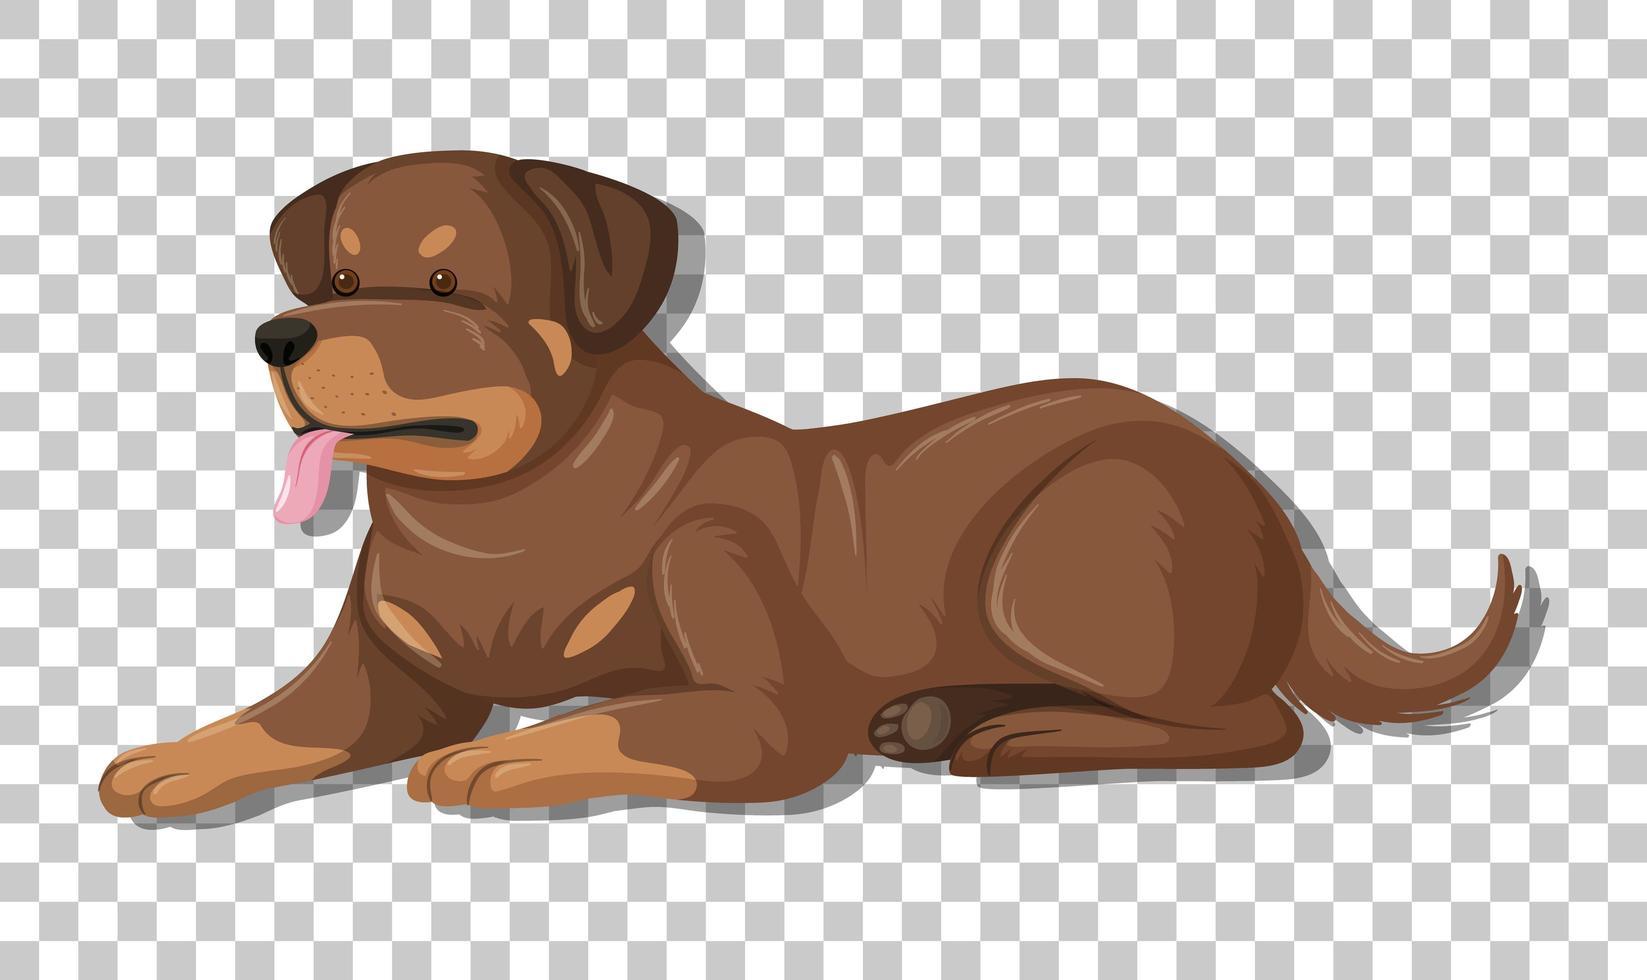 Rottweiler en personnage de dessin animé de position de pose isolé sur fond transparent vecteur